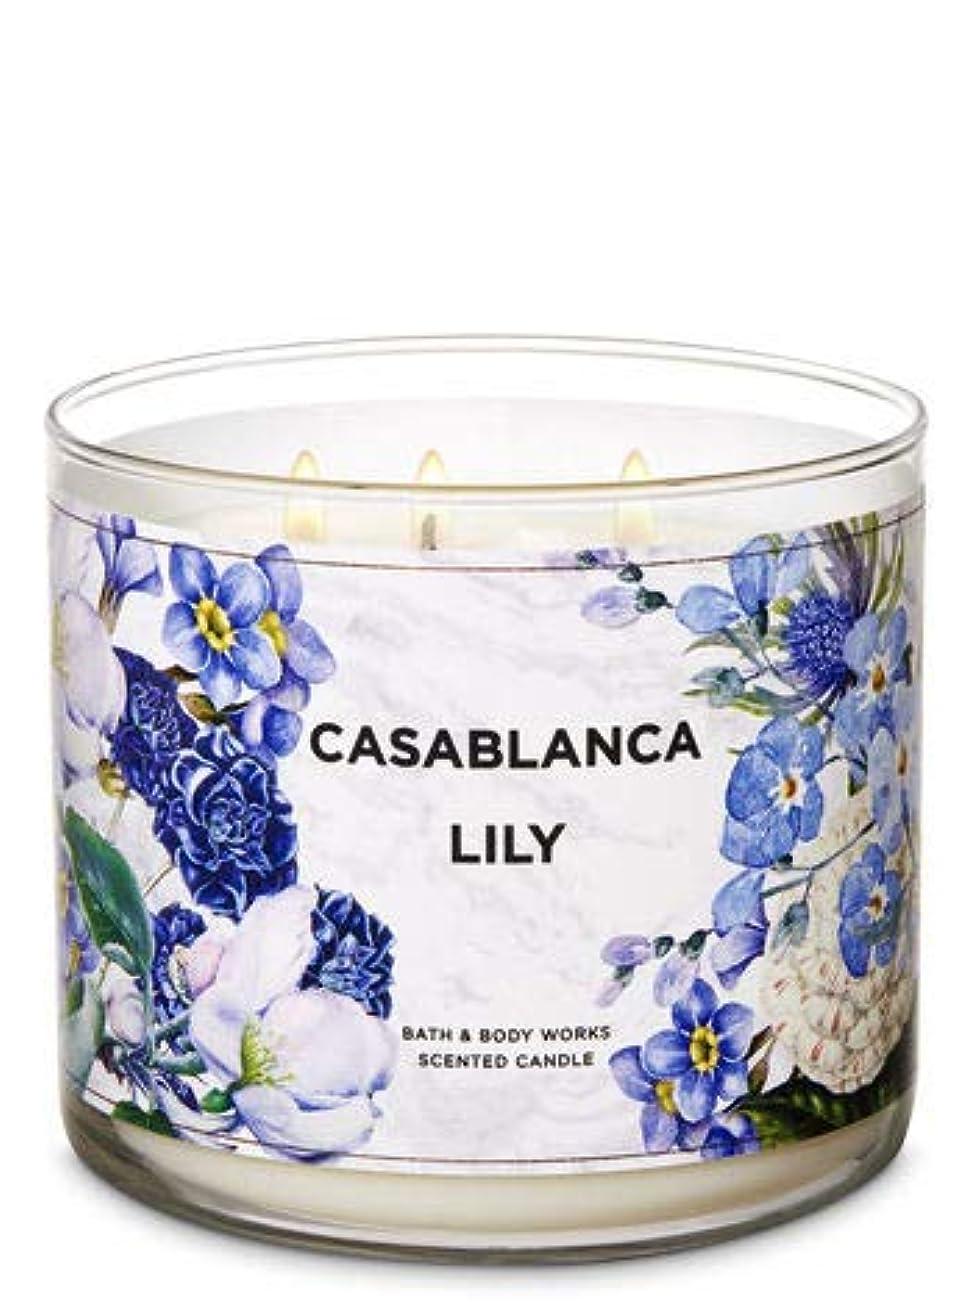 メアリアンジョーンズスクラップ懇願する【Bath&Body Works/バス&ボディワークス】 アロマキャンドル カサブランカリリー 3-Wick Scented Candle Casablanca Lily 14.5oz/411g [並行輸入品]